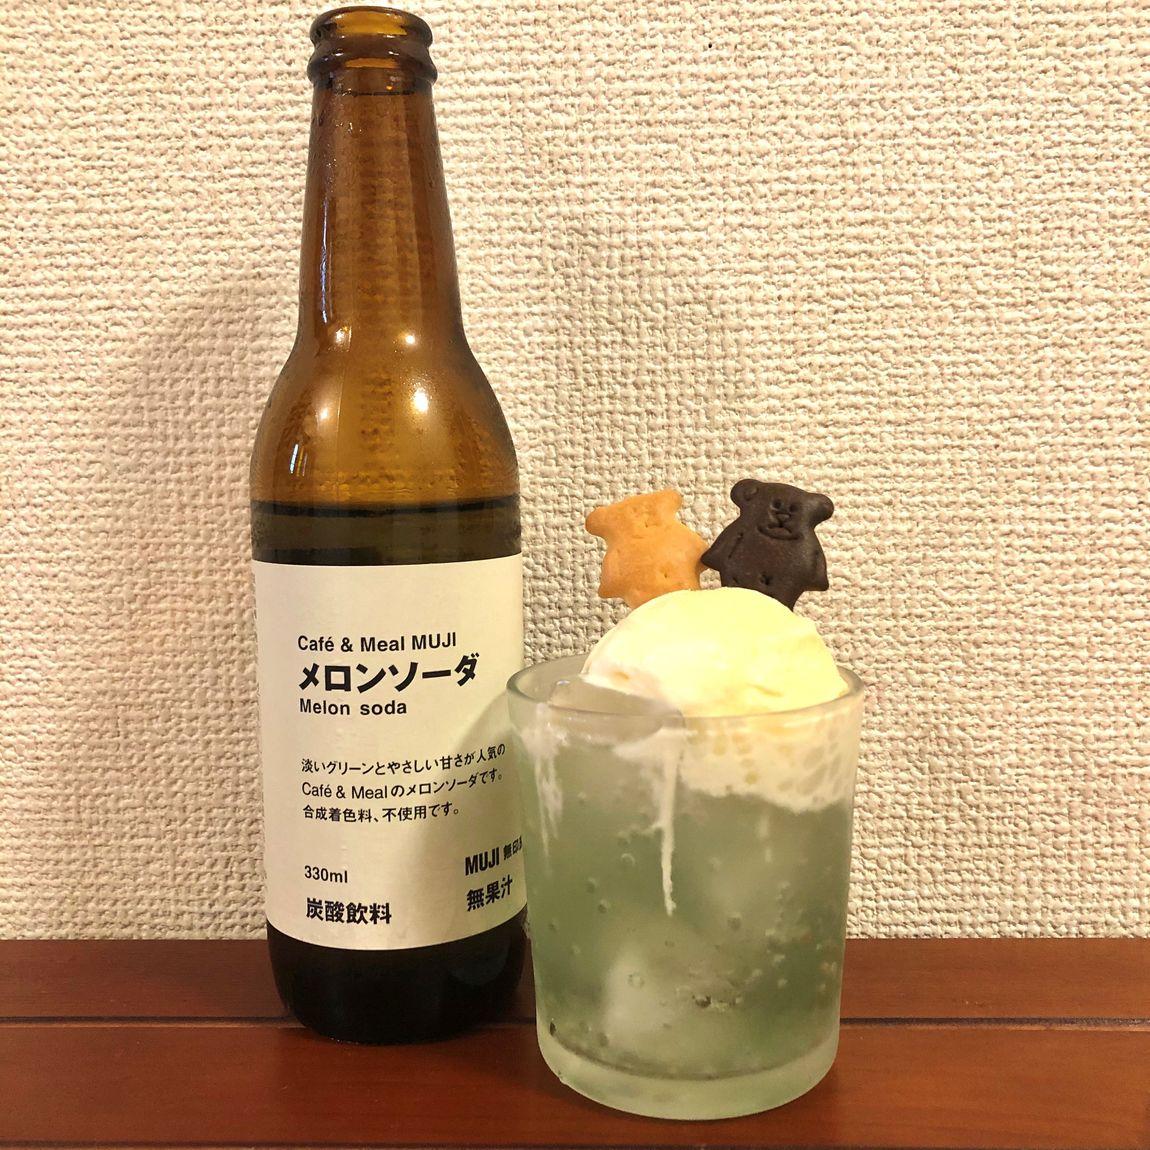 【サントムーン柿田川】夏の乾いた喉潤すメロンソーダ この夏の、くらしのコツ